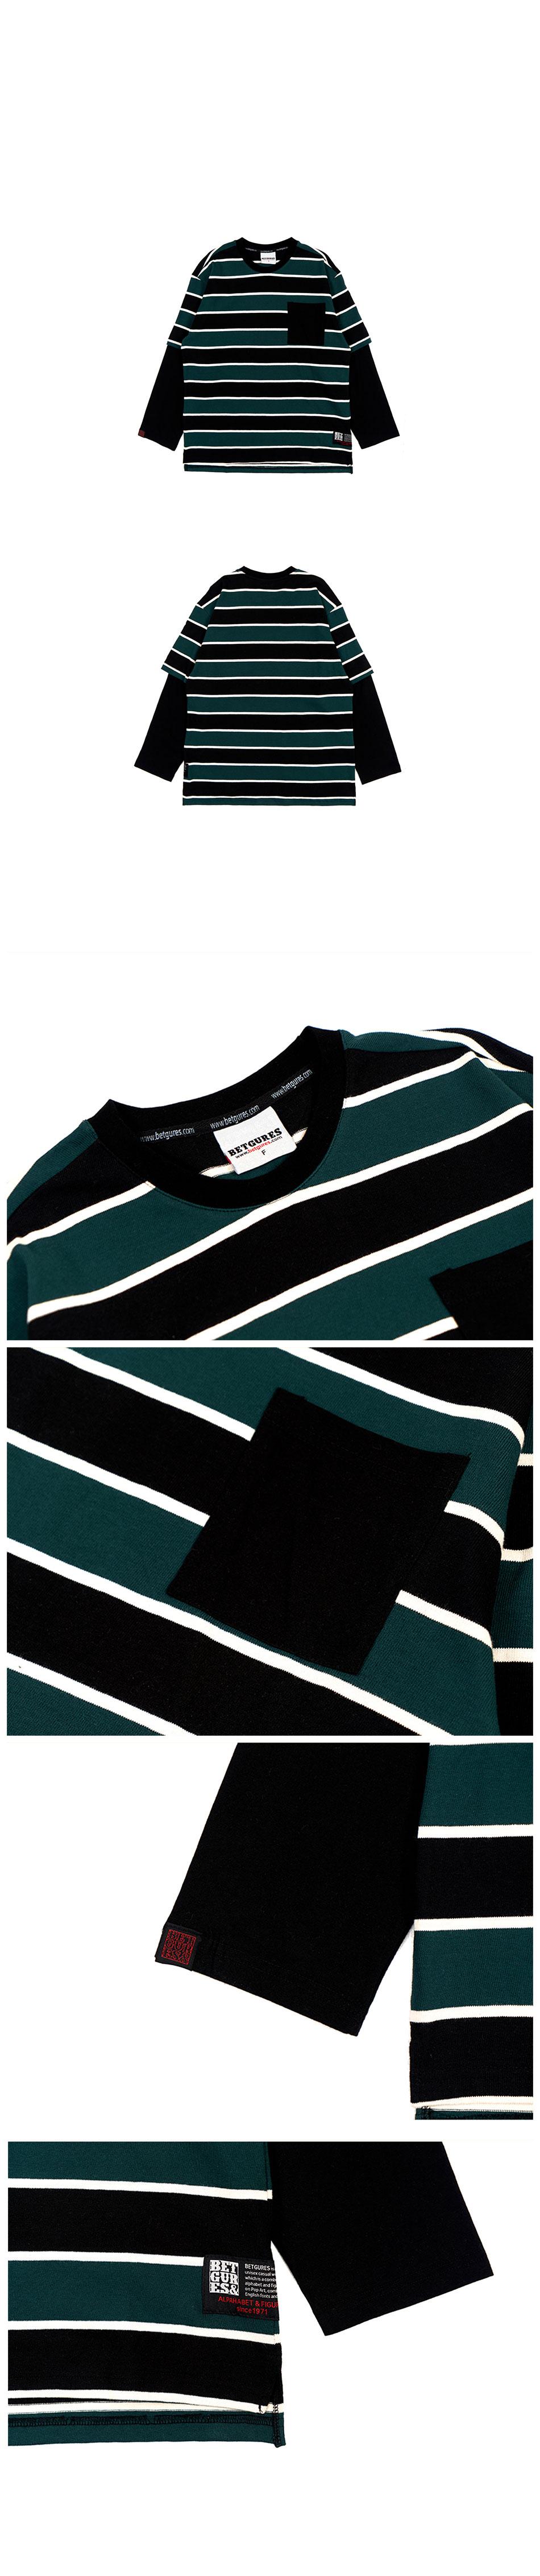 1스트라이프-레이어드-티셔츠-초록_04.jpg